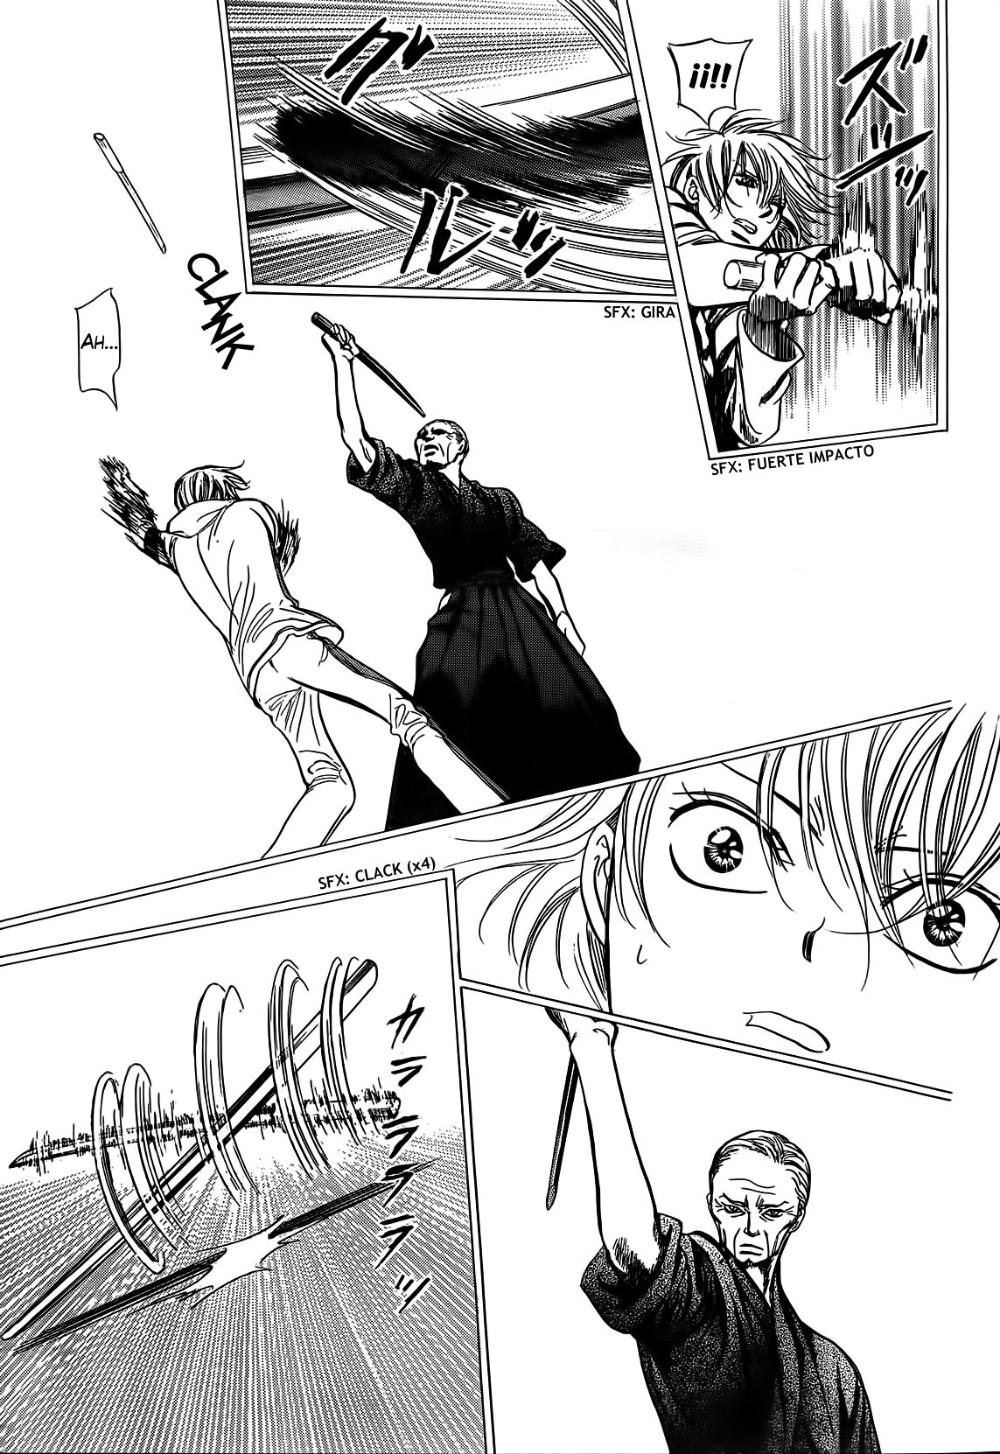 Skip Beat! Capitulo 239 Leer Manga En Linea Gratis